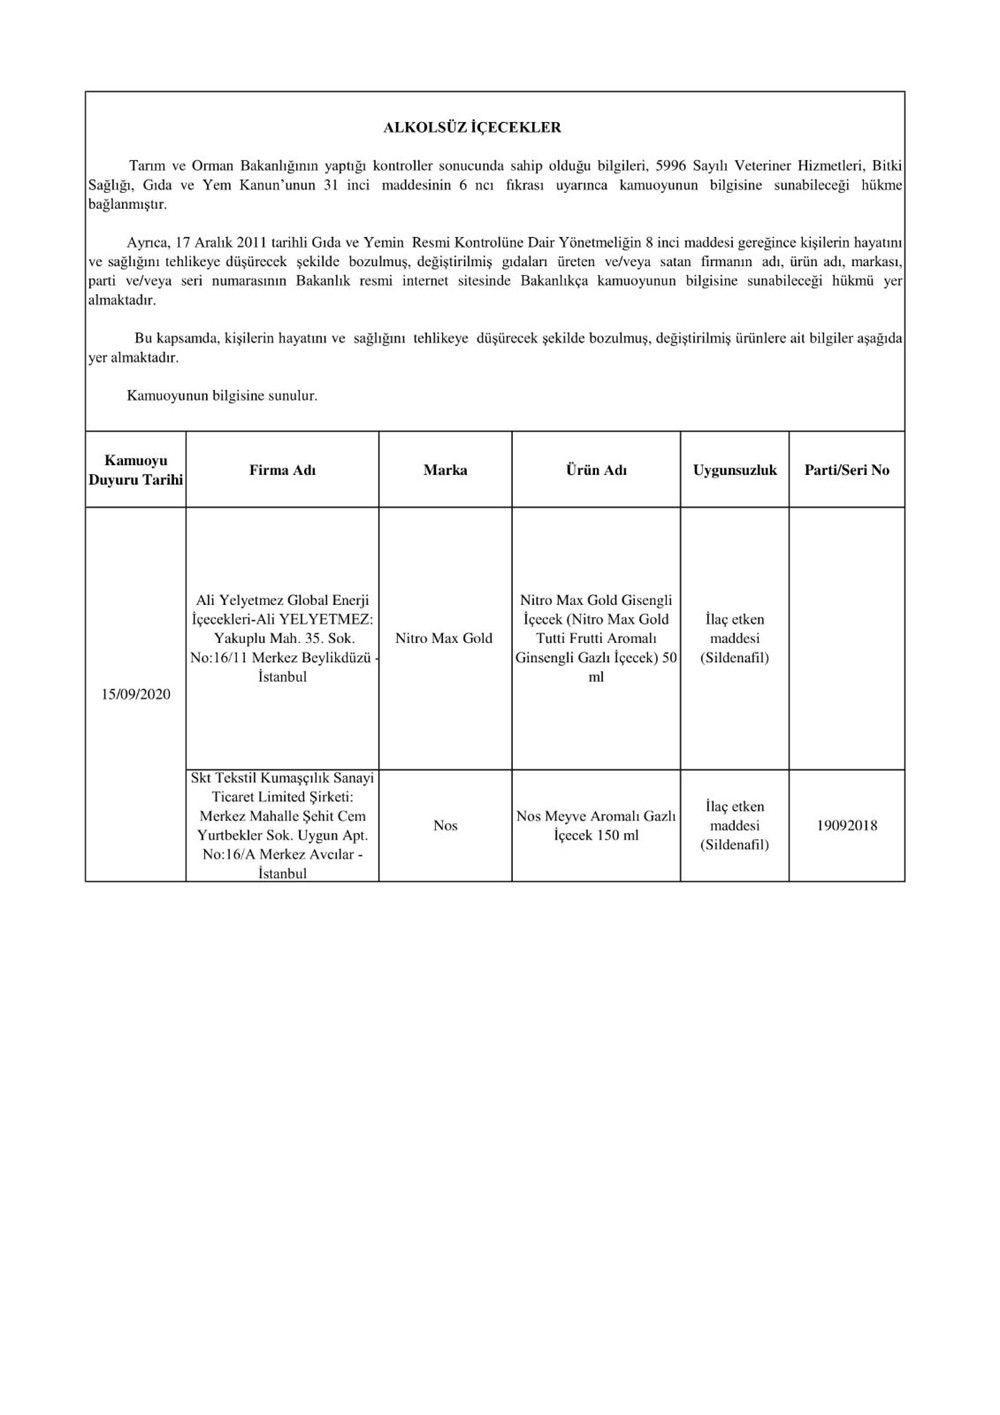 Tarım ve Orman Bakanlığı hileli gıdaların listesini tek tek açıkladı - Sayfa 2